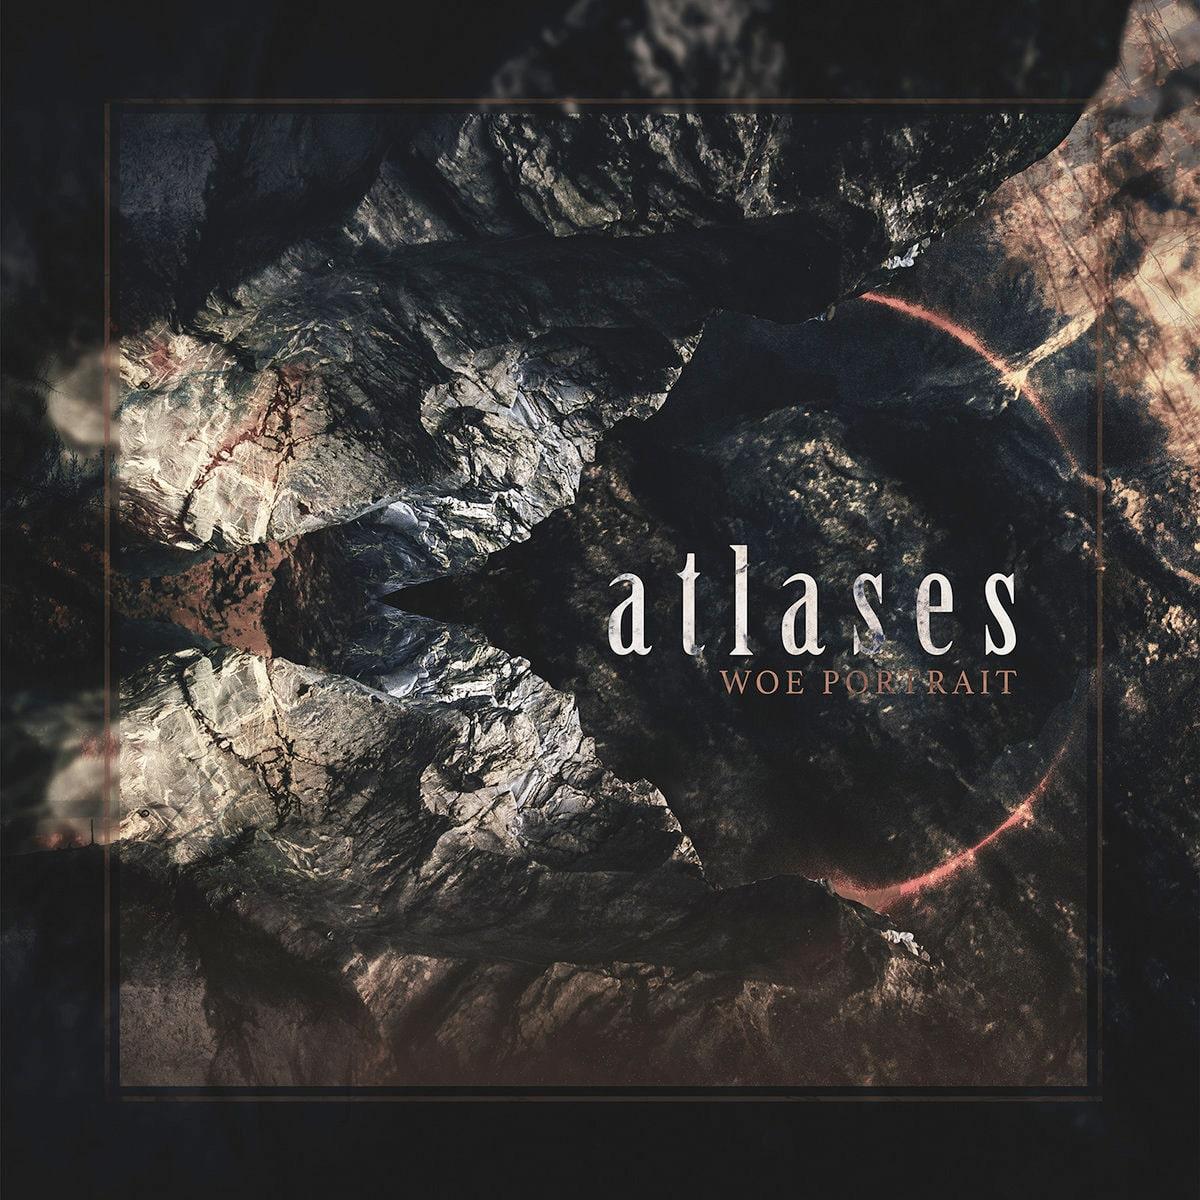 """atlases:-weiterer-song-vom-neuen-album-""""woe-portrait"""""""